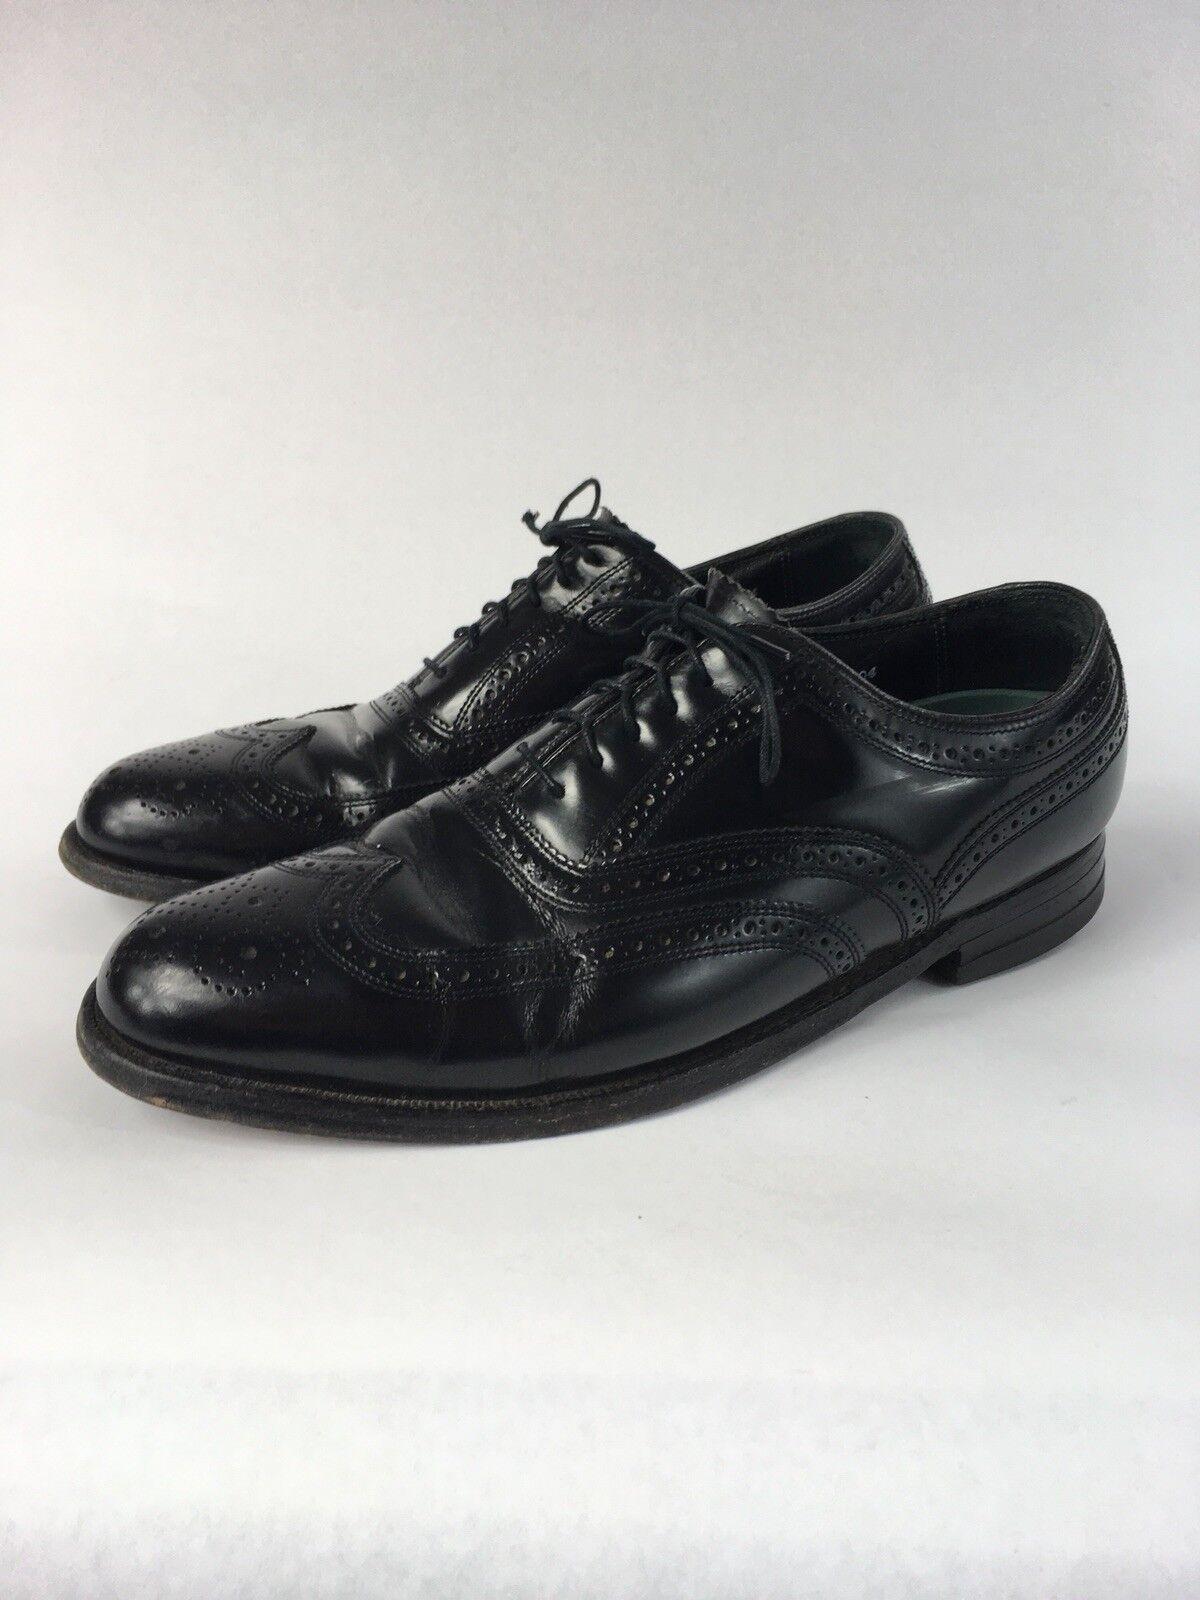 Florsheim Imperial Black Wing Tip new shoes shoes 92345 - Men's 9 D